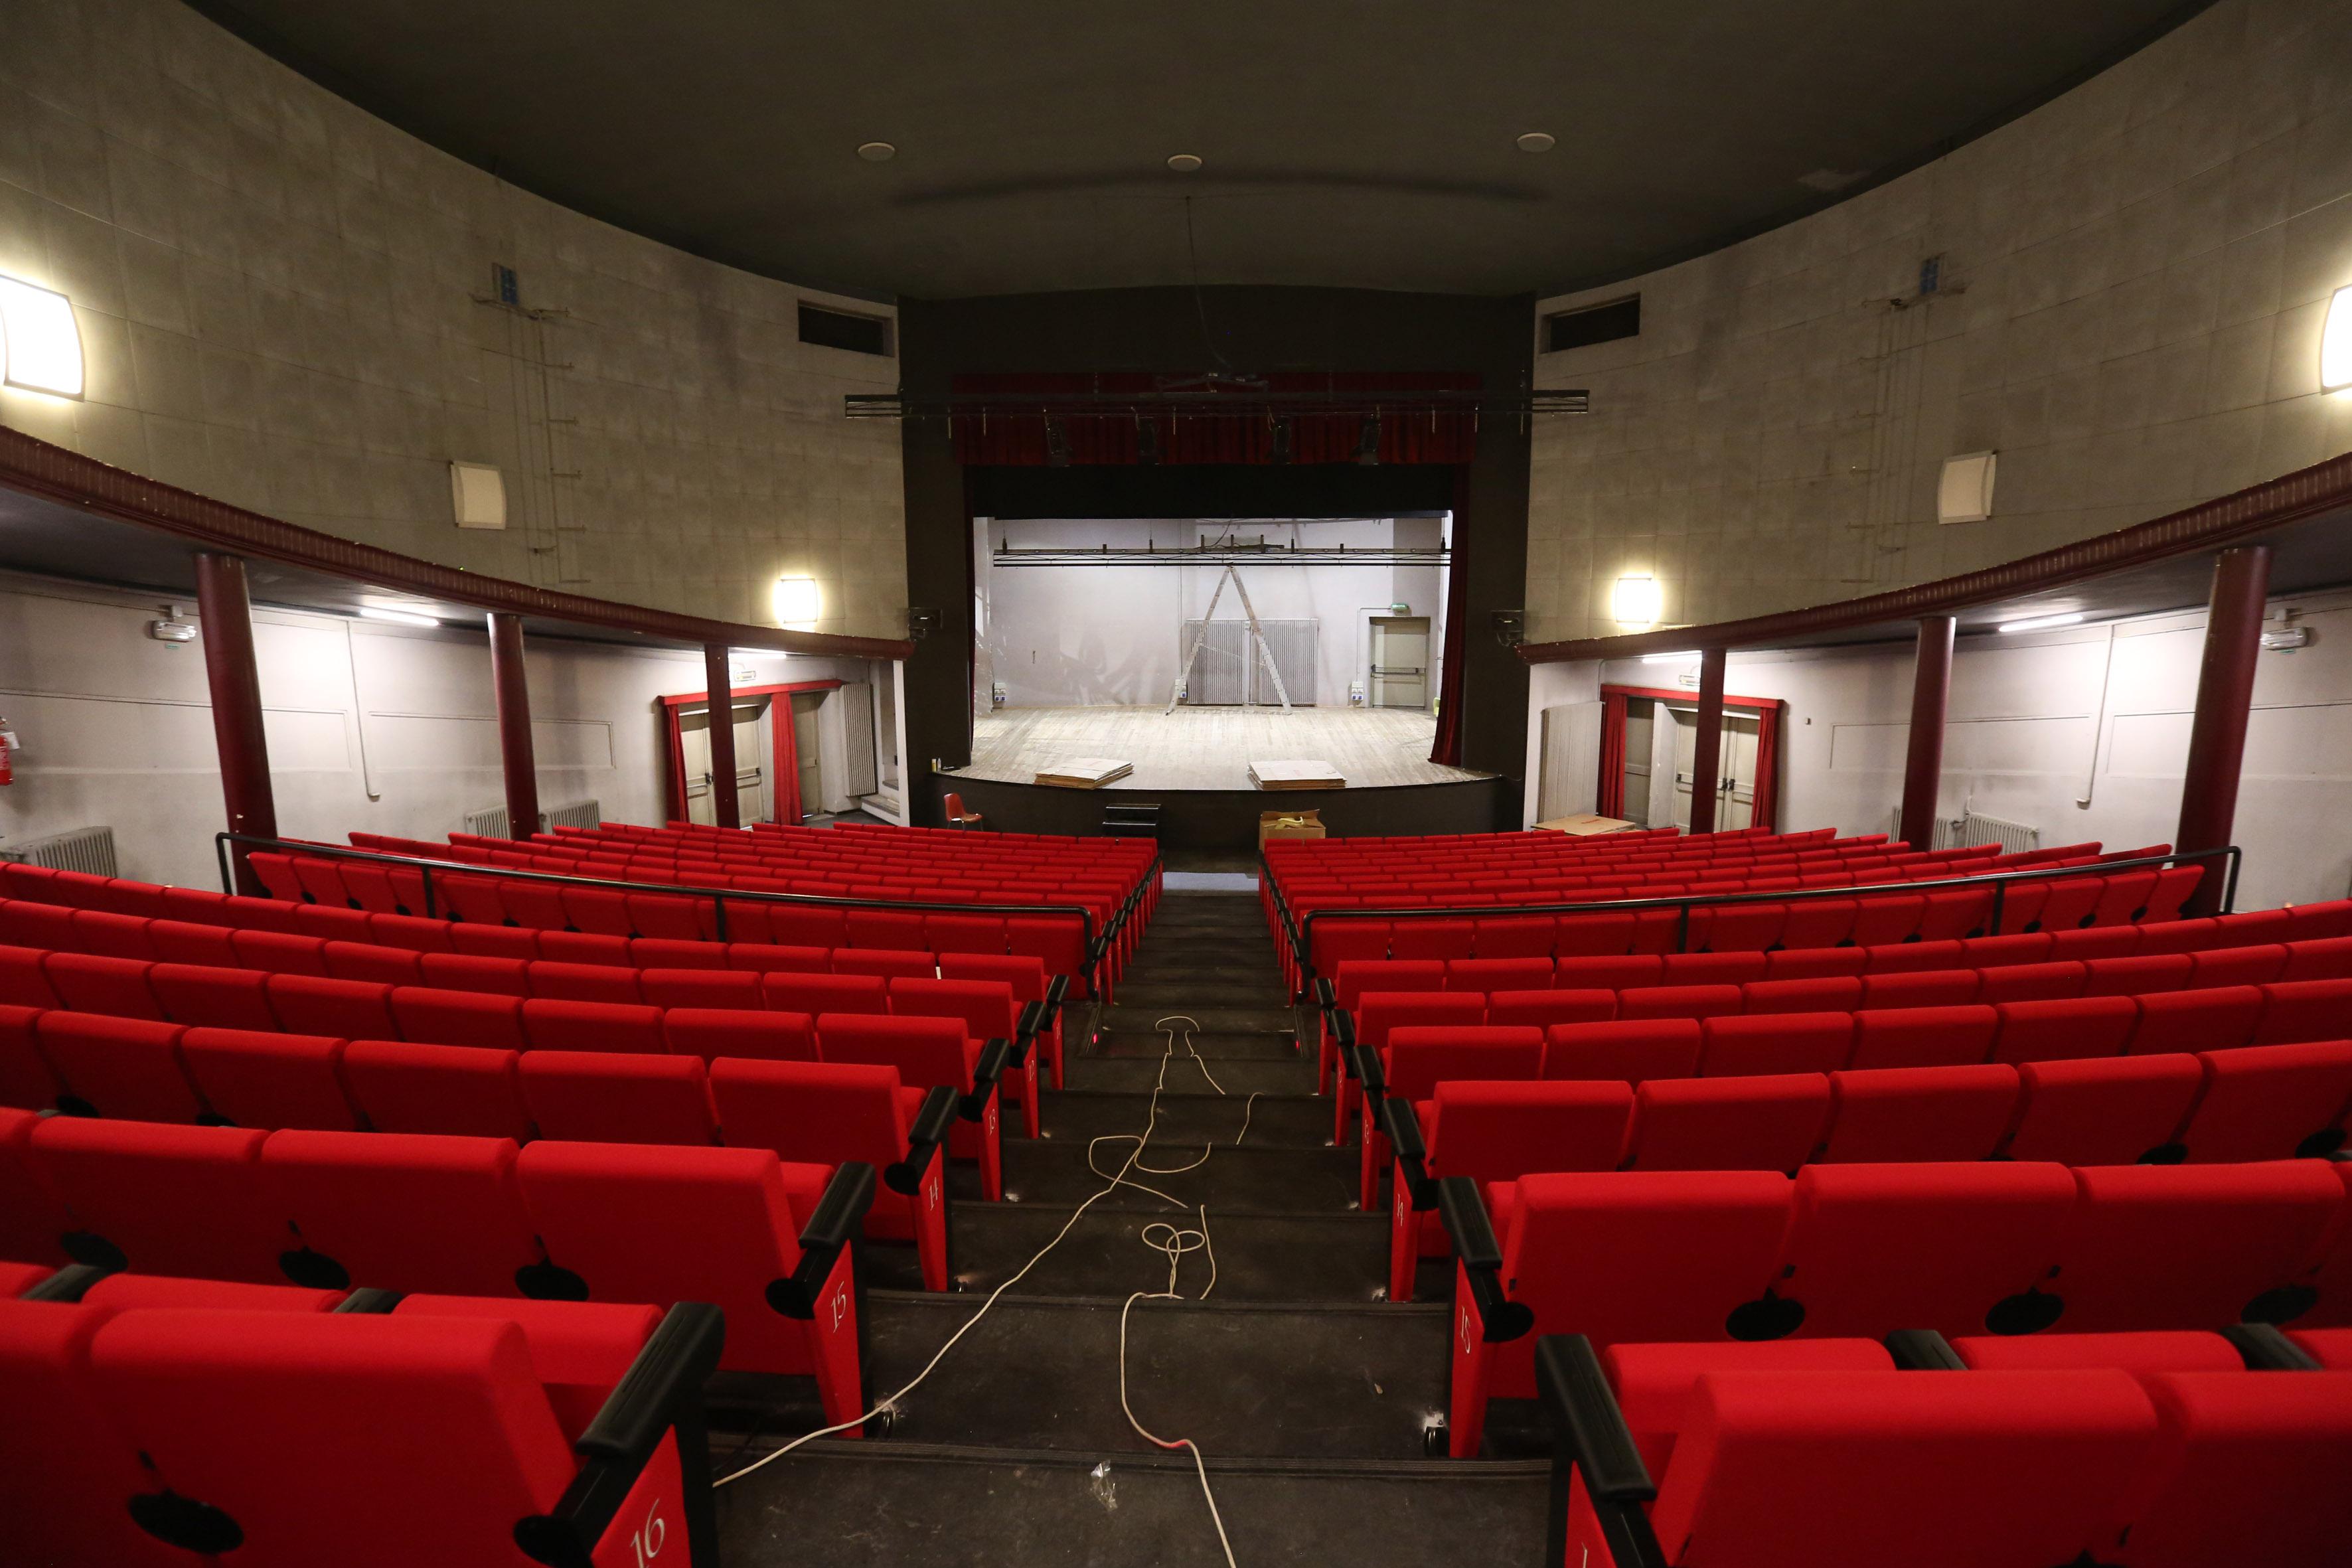 Lavori Ristrutturazione : Teatro astra completata la ristrutturazione e